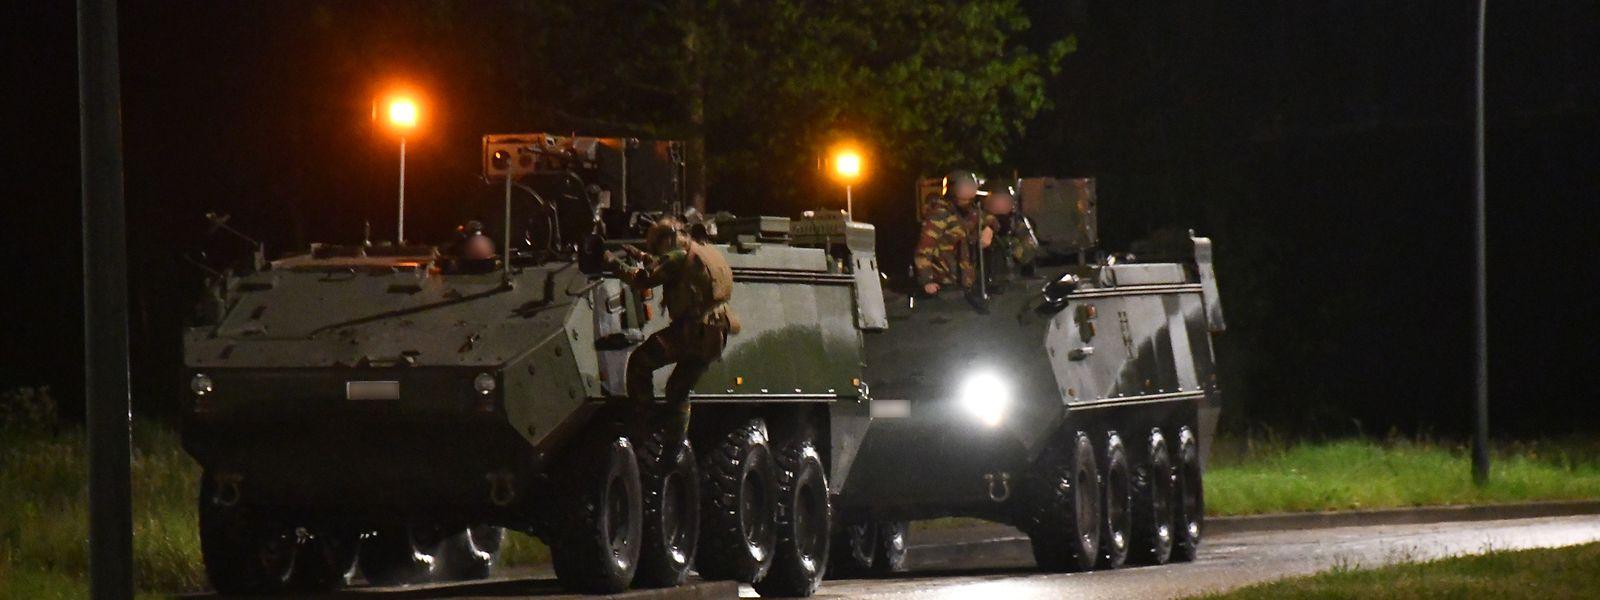 Spezialeinheiten durchsuchen den Nationalpark unter größter Vorsicht. Auch Panzer kommen zum Einsatz.